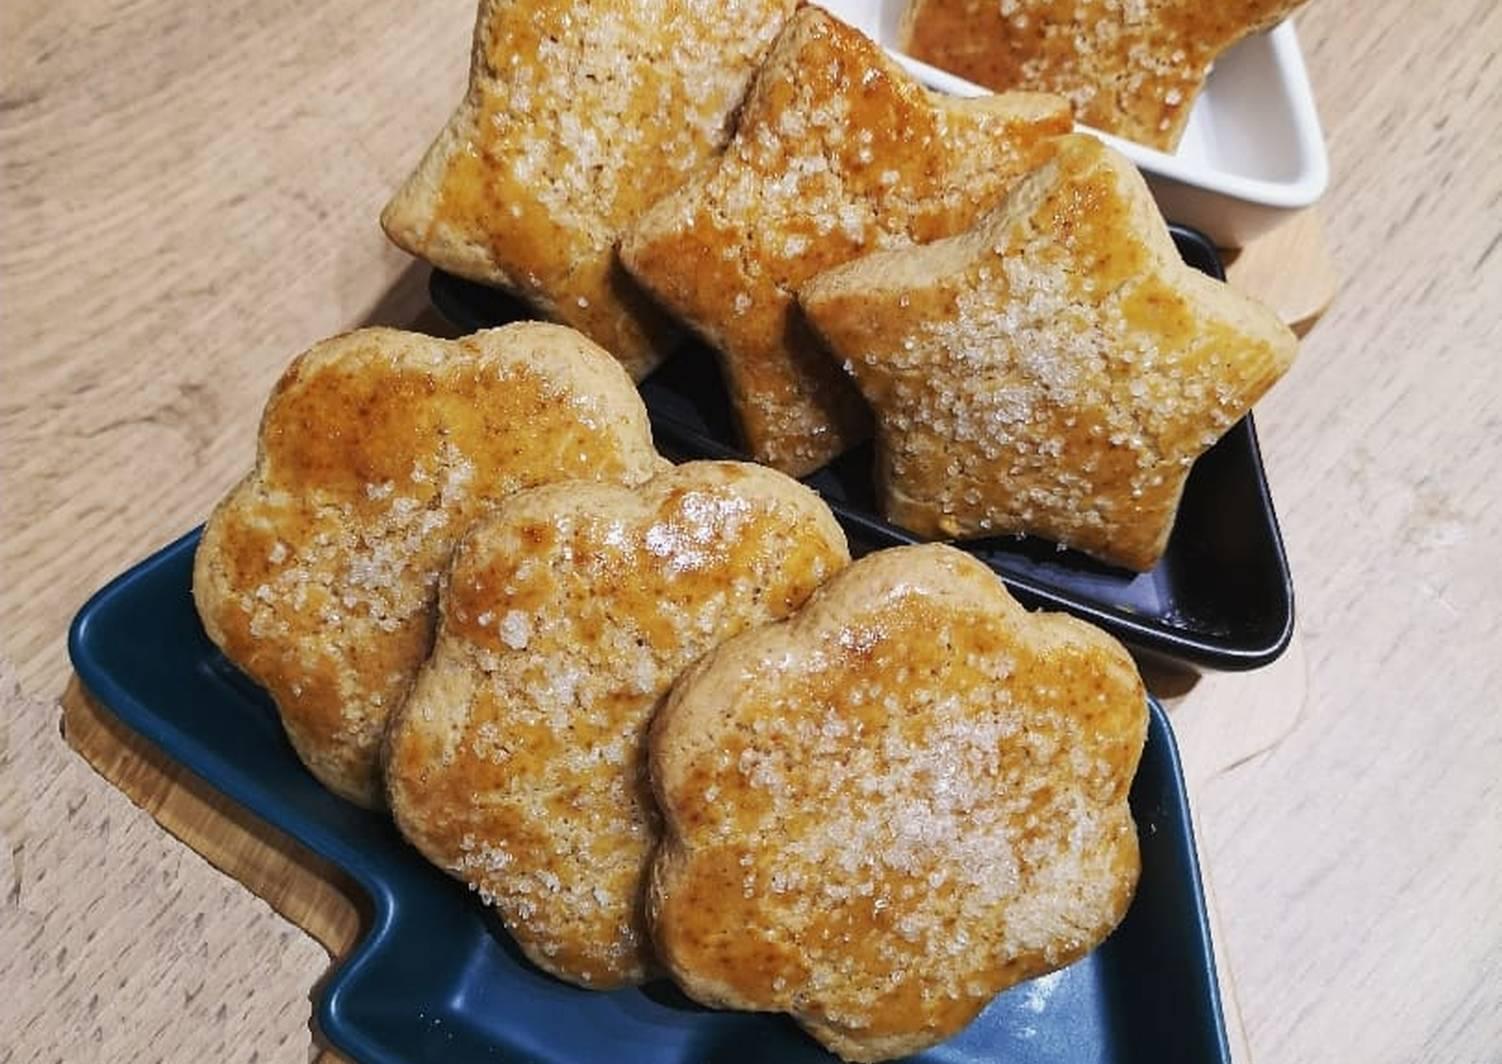 предлагаются увлекательные печенье из меда рецепт с фото платье принтом